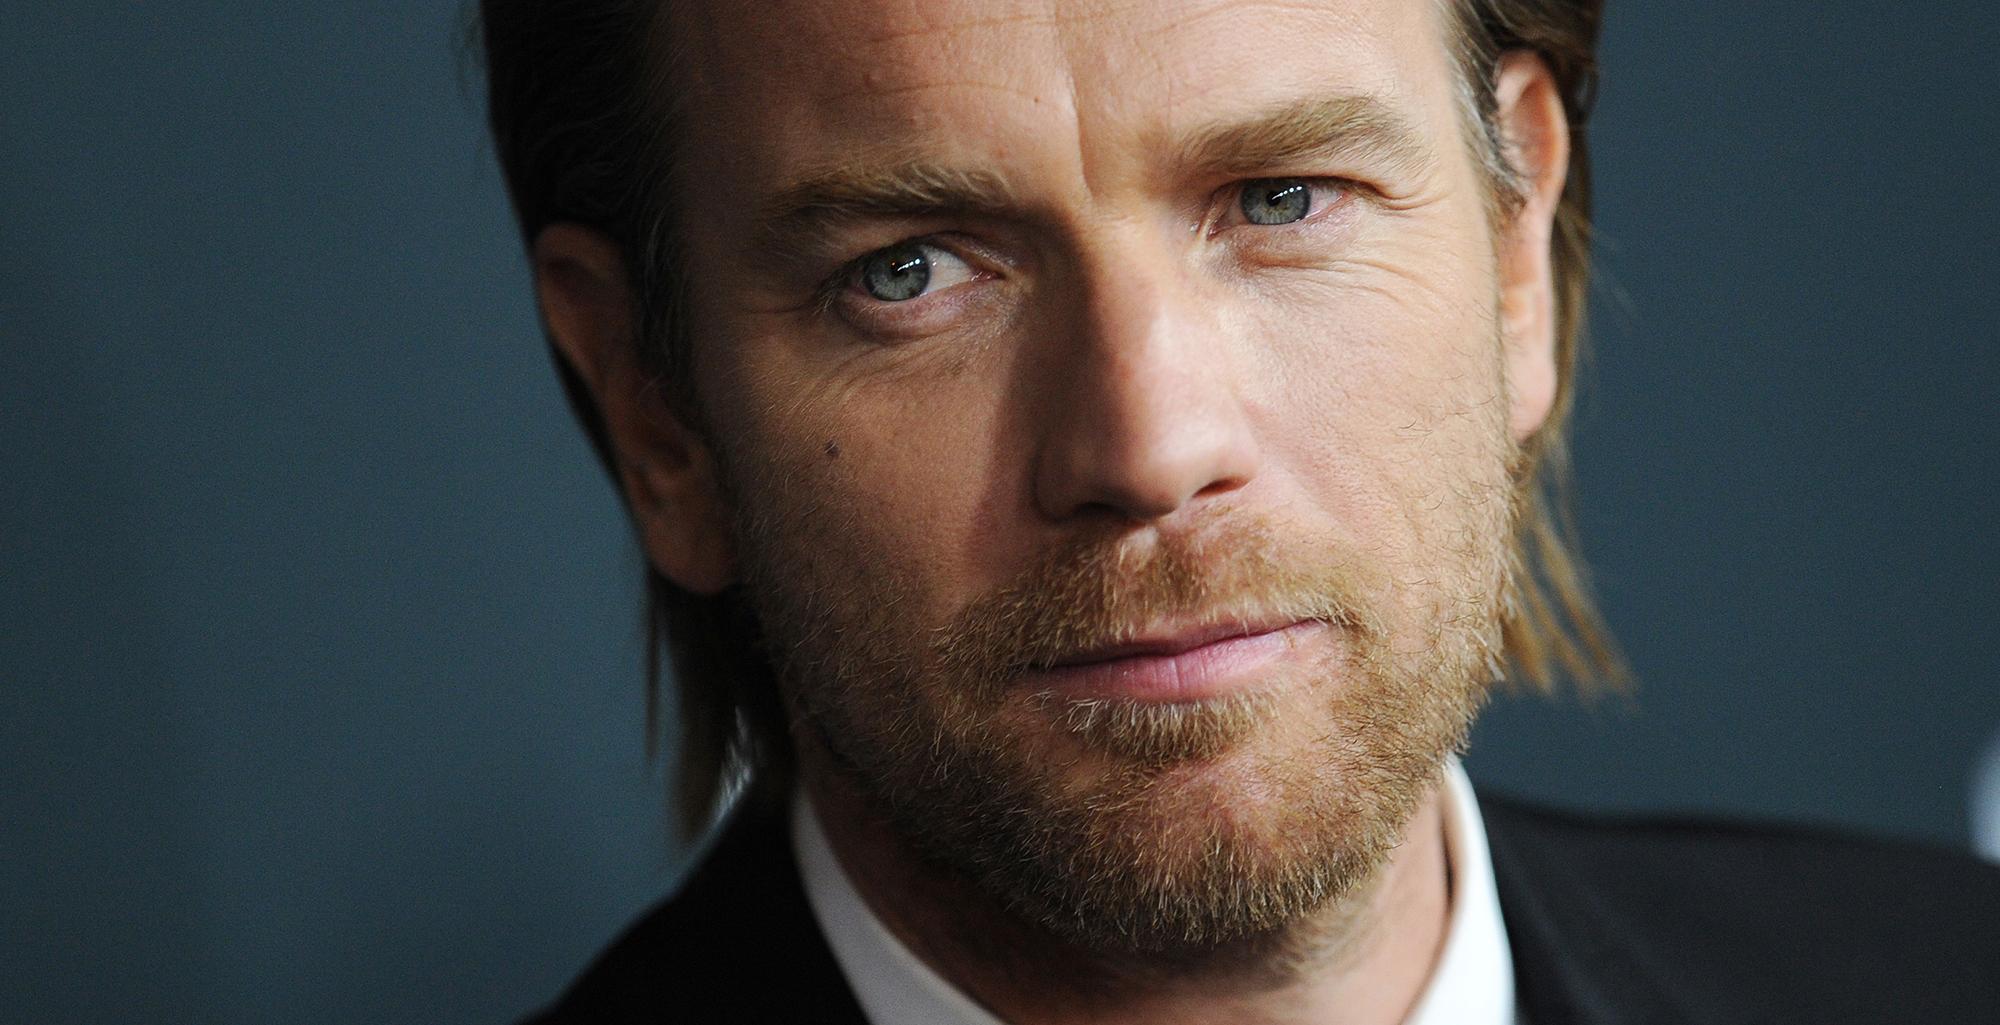 Ewan McGregor Reitera Vontade De Interpretar Obi-Wan Novamente E Não Sabe Nada Sobre O Filme